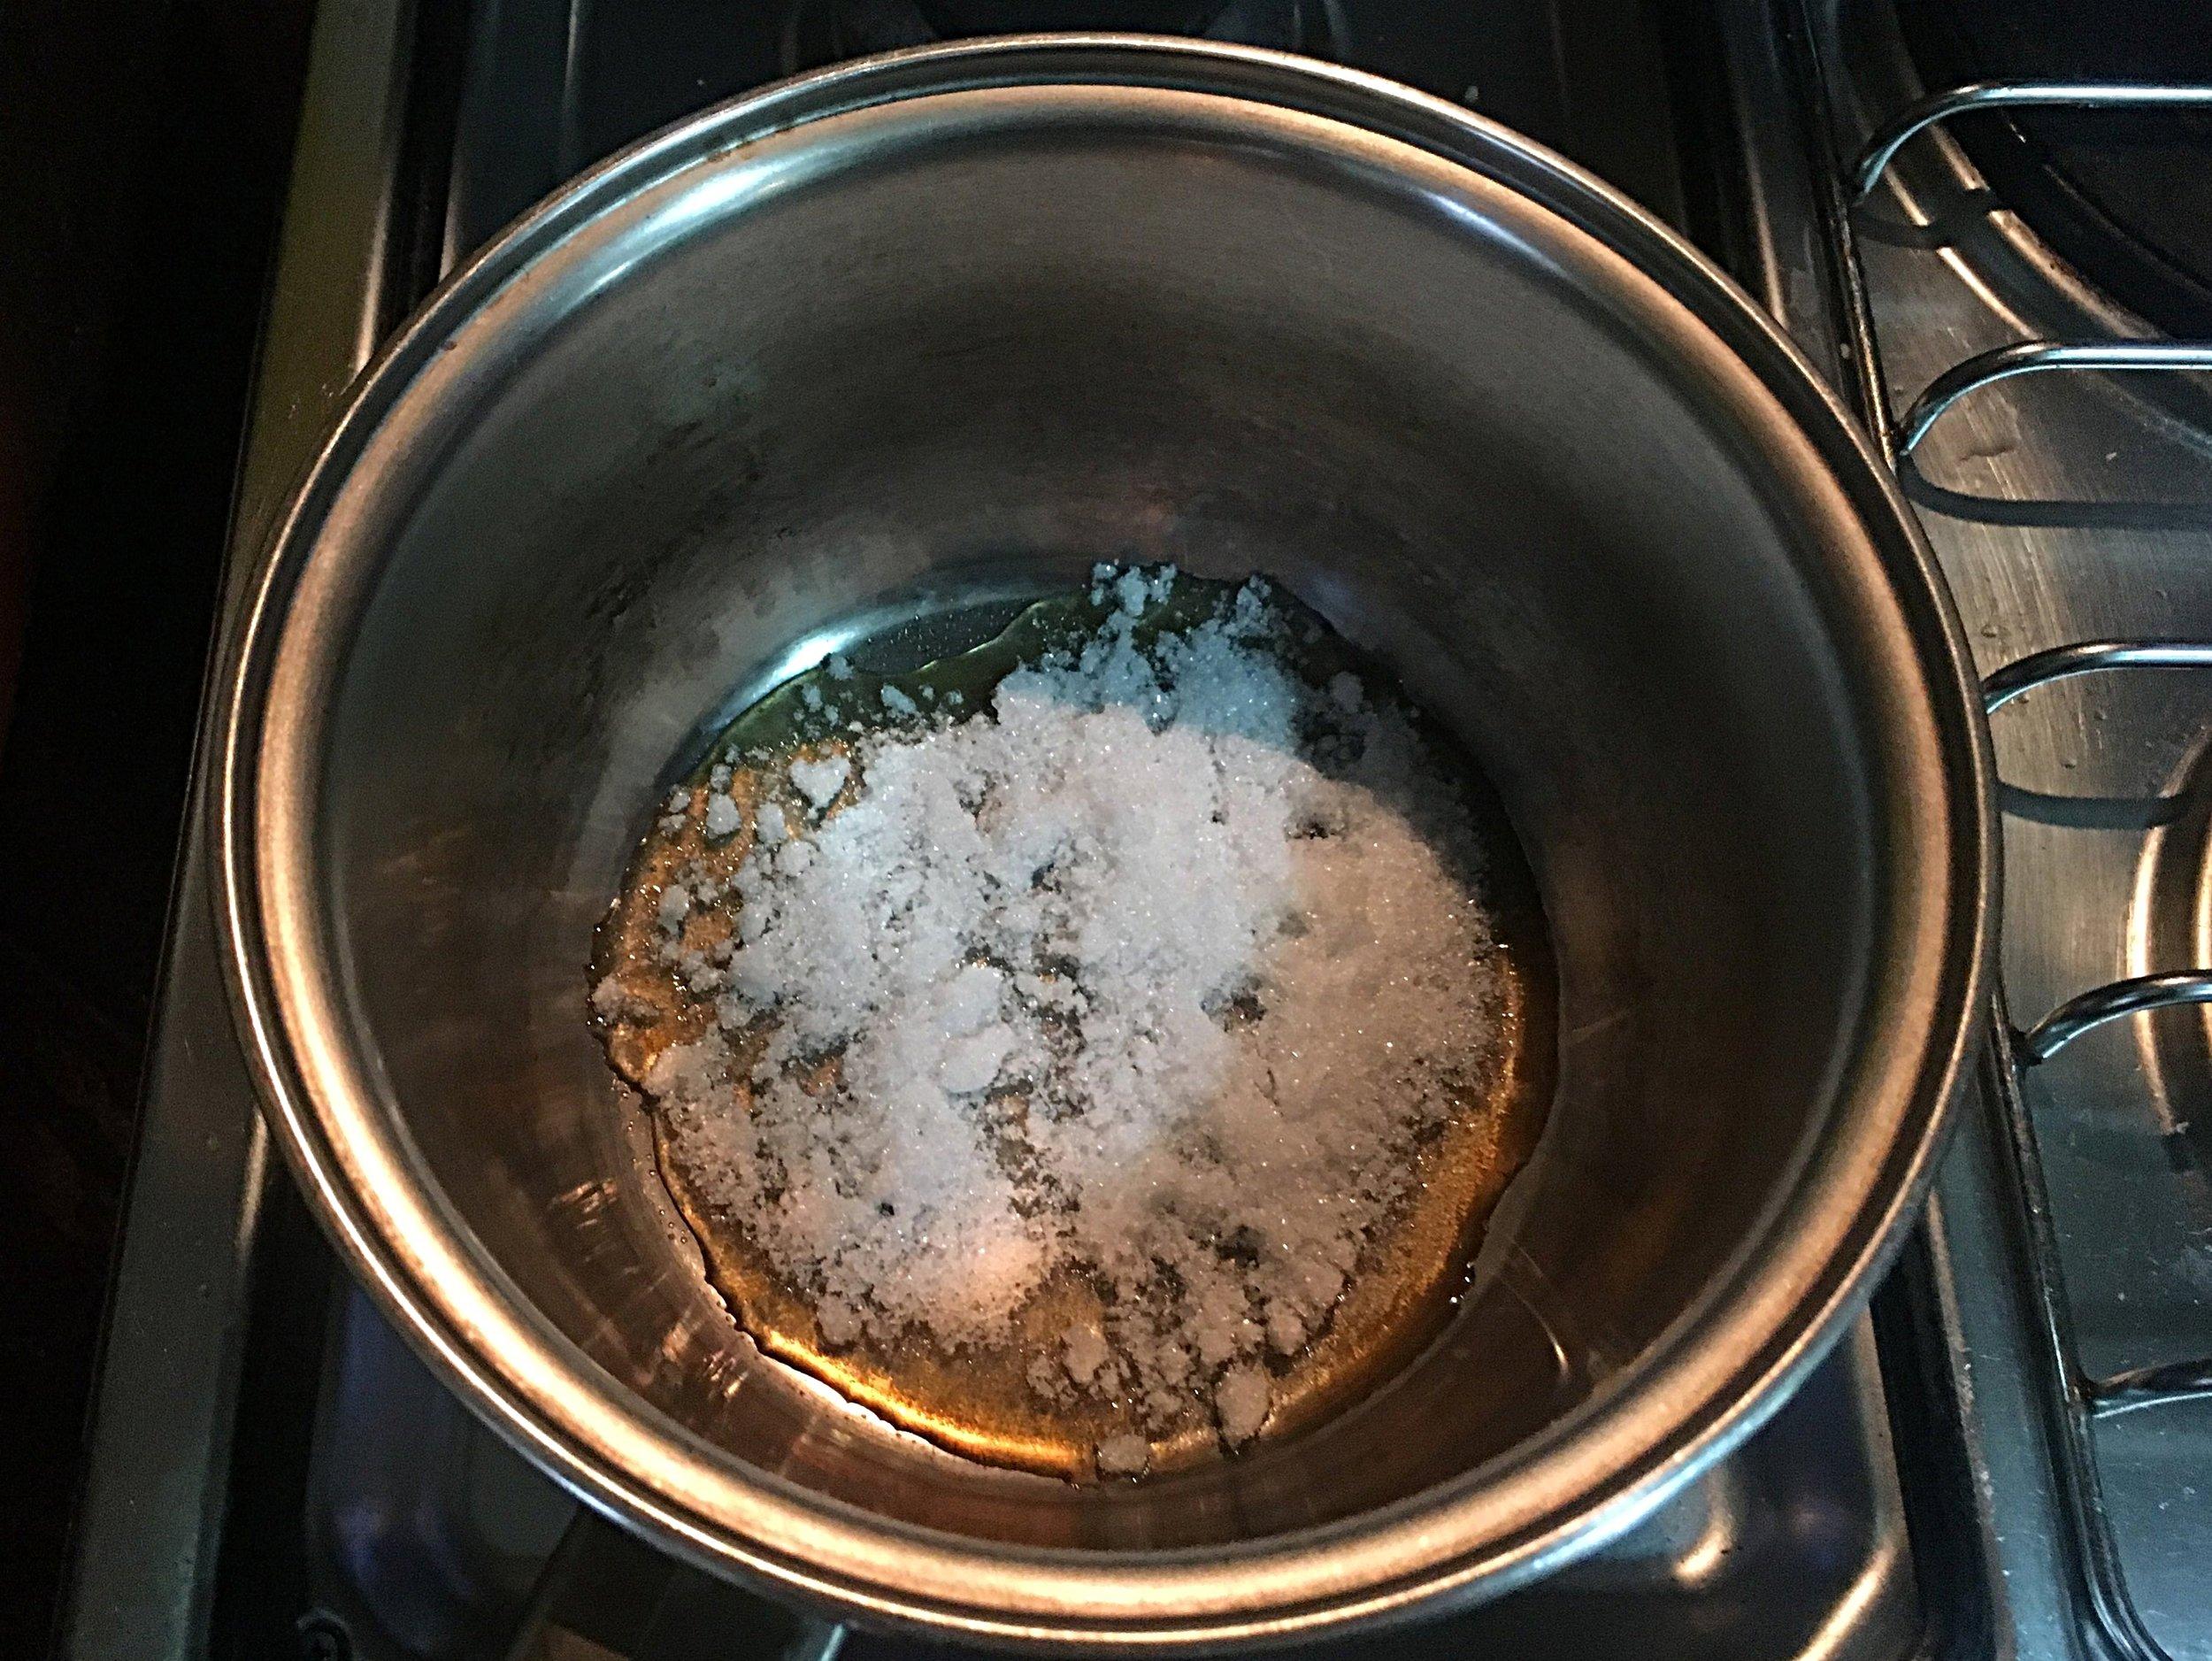 Numa panela, leve ao fogo o açúcar 1 e deixe derreter, mexendo com um garfo pra desfazer os grumos. É importante cuidar que o açúcar não escureça nesta etapa onde ainda há uma parte sem derreter. Use o garfo pra misturar os grânulos de açúcar com o caramelo que vai se formar nas laterais.